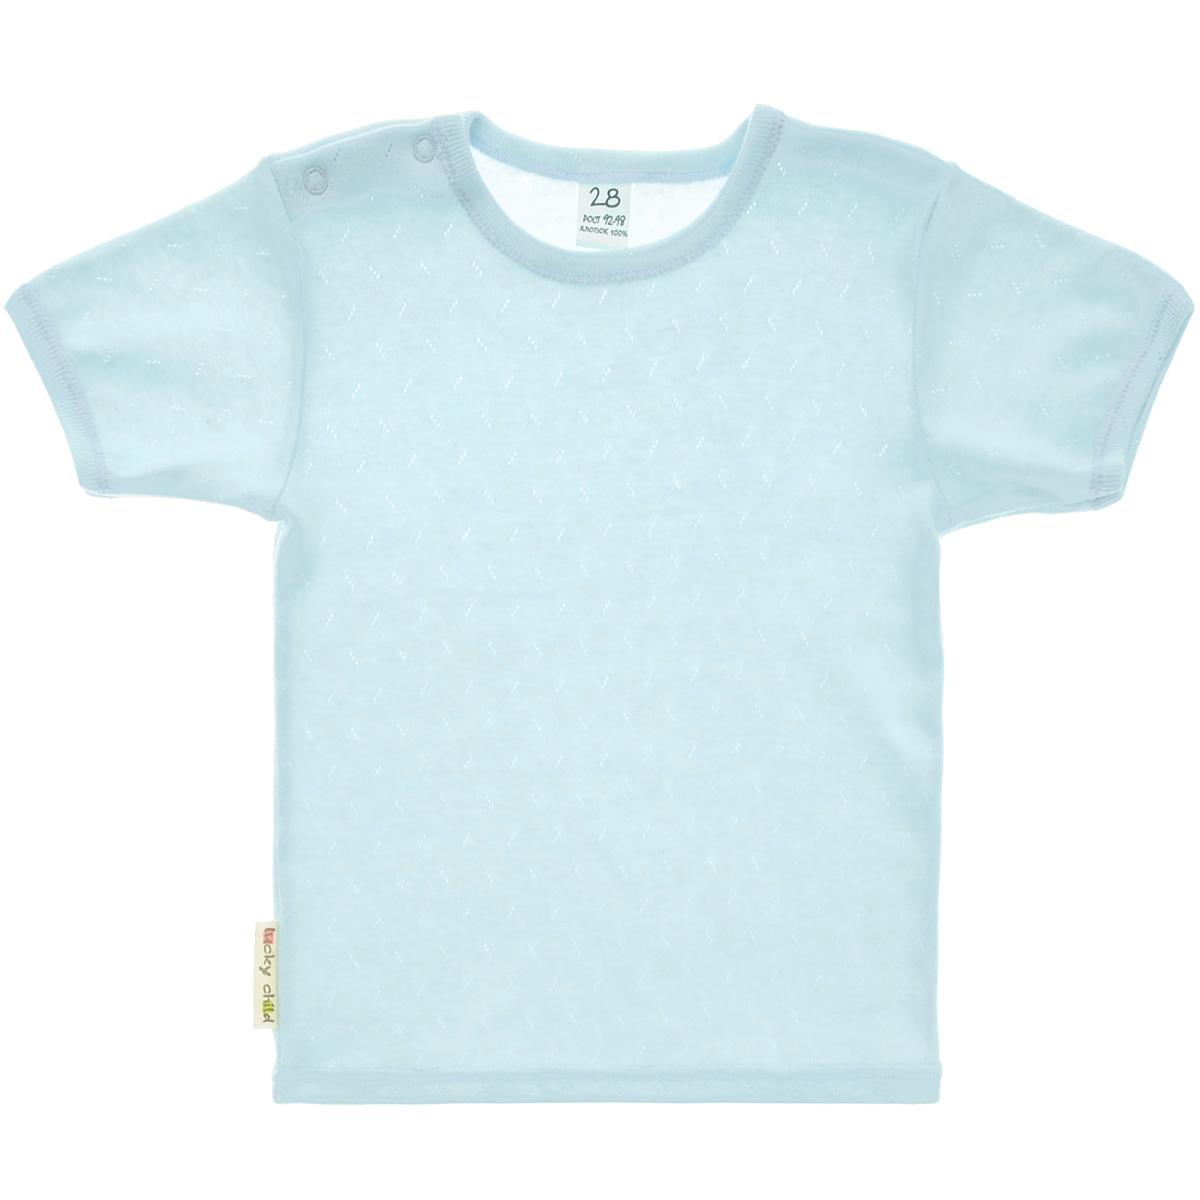 Футболка детская Lucky Child Ажур, цвет: голубой. 0-26. Размер 68/740-26Футболка для новорожденного Lucky Child послужит идеальным дополнением к гардеробу вашего малыша, обеспечивая ему наибольший комфорт. Изготовленная из натурального хлопка, она необычайно мягкая и легкая, не раздражает нежную кожу ребенка и хорошо вентилируется, а эластичные швы приятны телу малыша и не препятствуют его движениям. Футболка с короткими рукавами, выполненная из ткани с ажурным узором, имеет кнопки по плечу, которые позволяют без труда переодеть младенца. Футболка полностью соответствует особенностям жизни ребенка в ранний период, не стесняя и не ограничивая его в движениях.